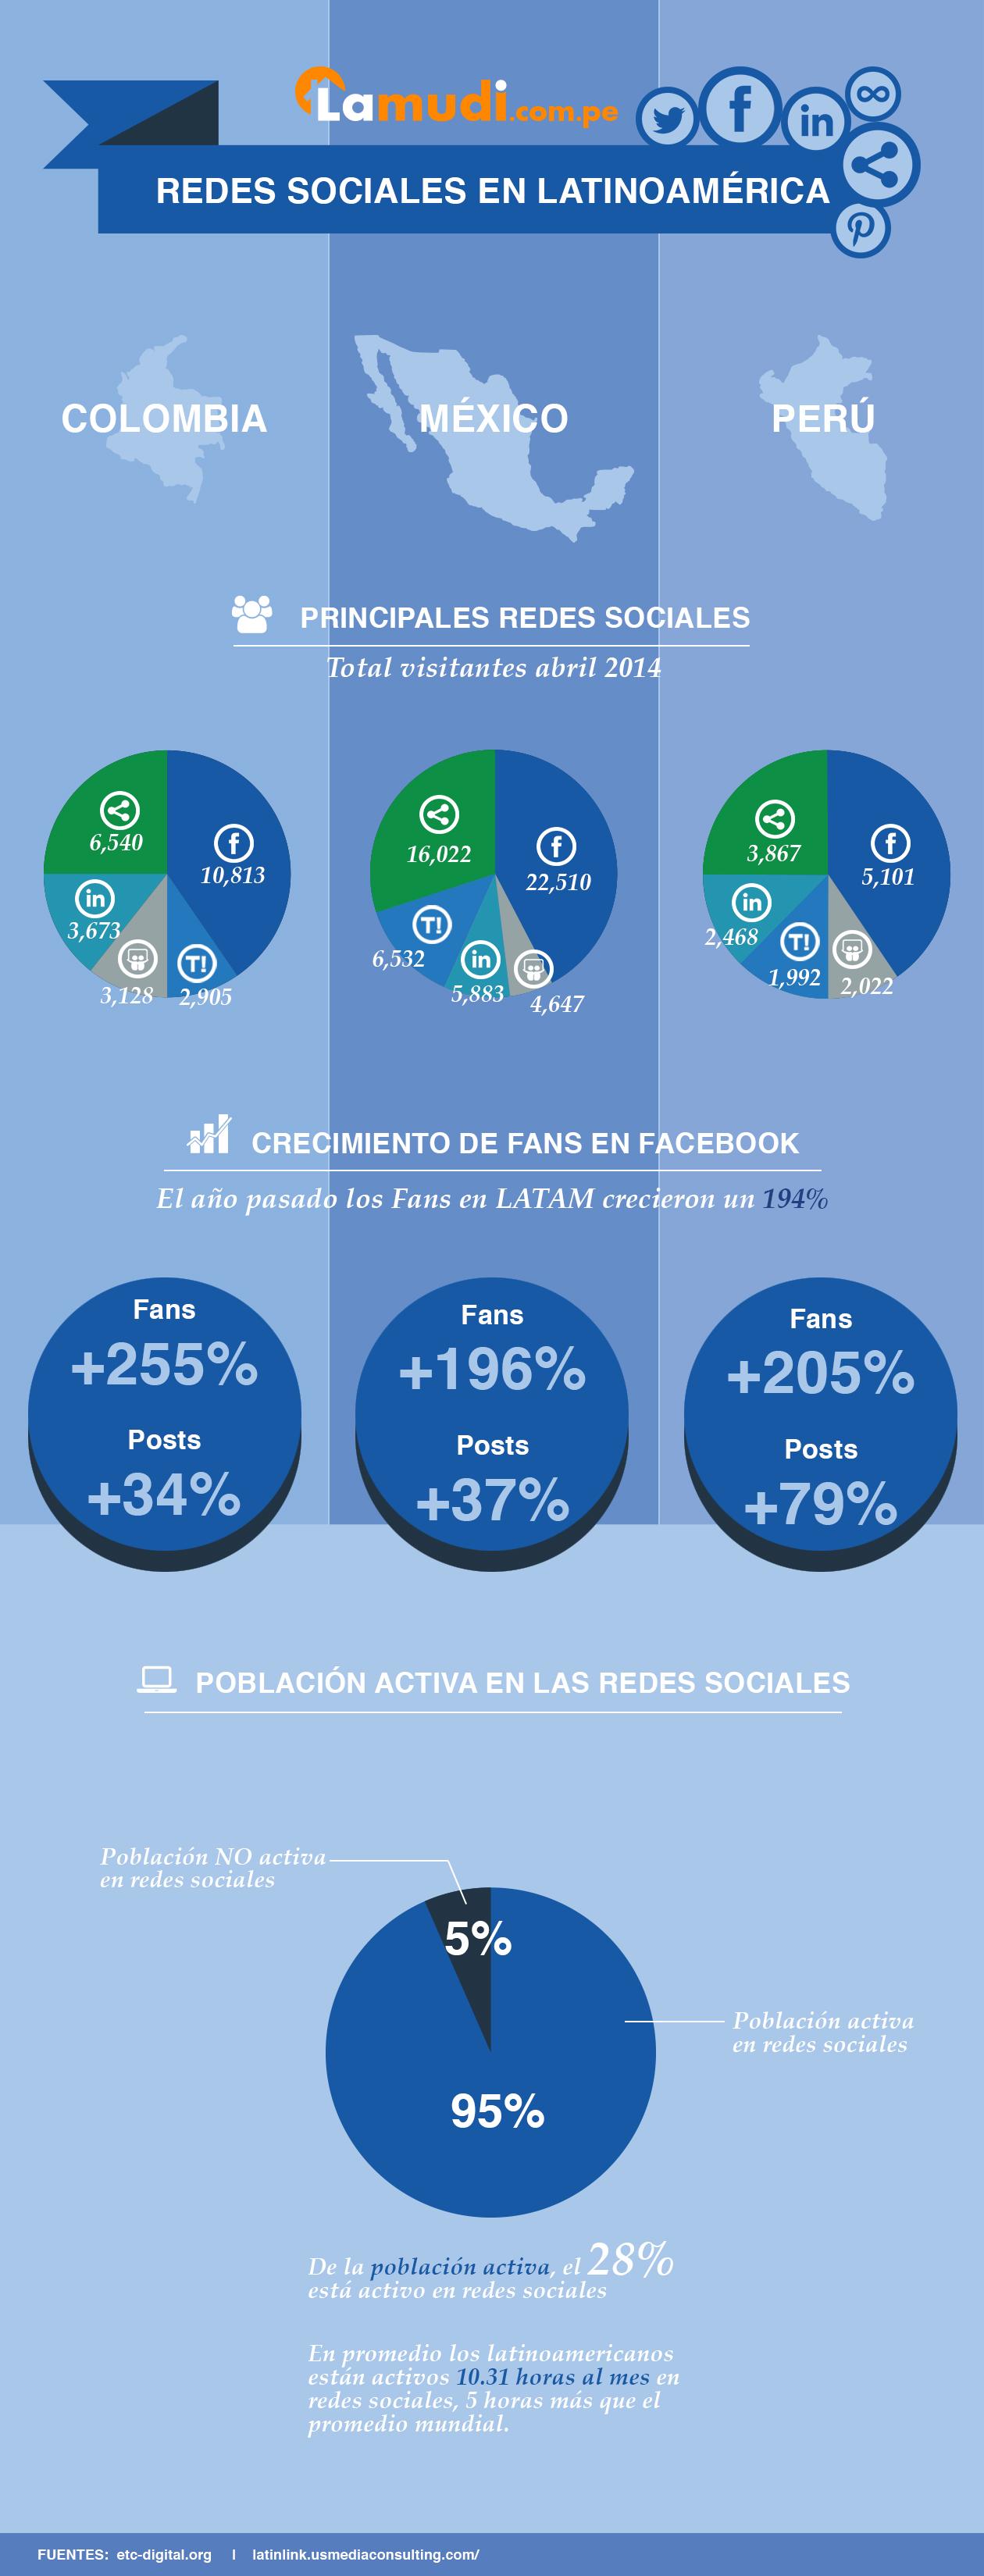 infografia redes sociales latinoamerica